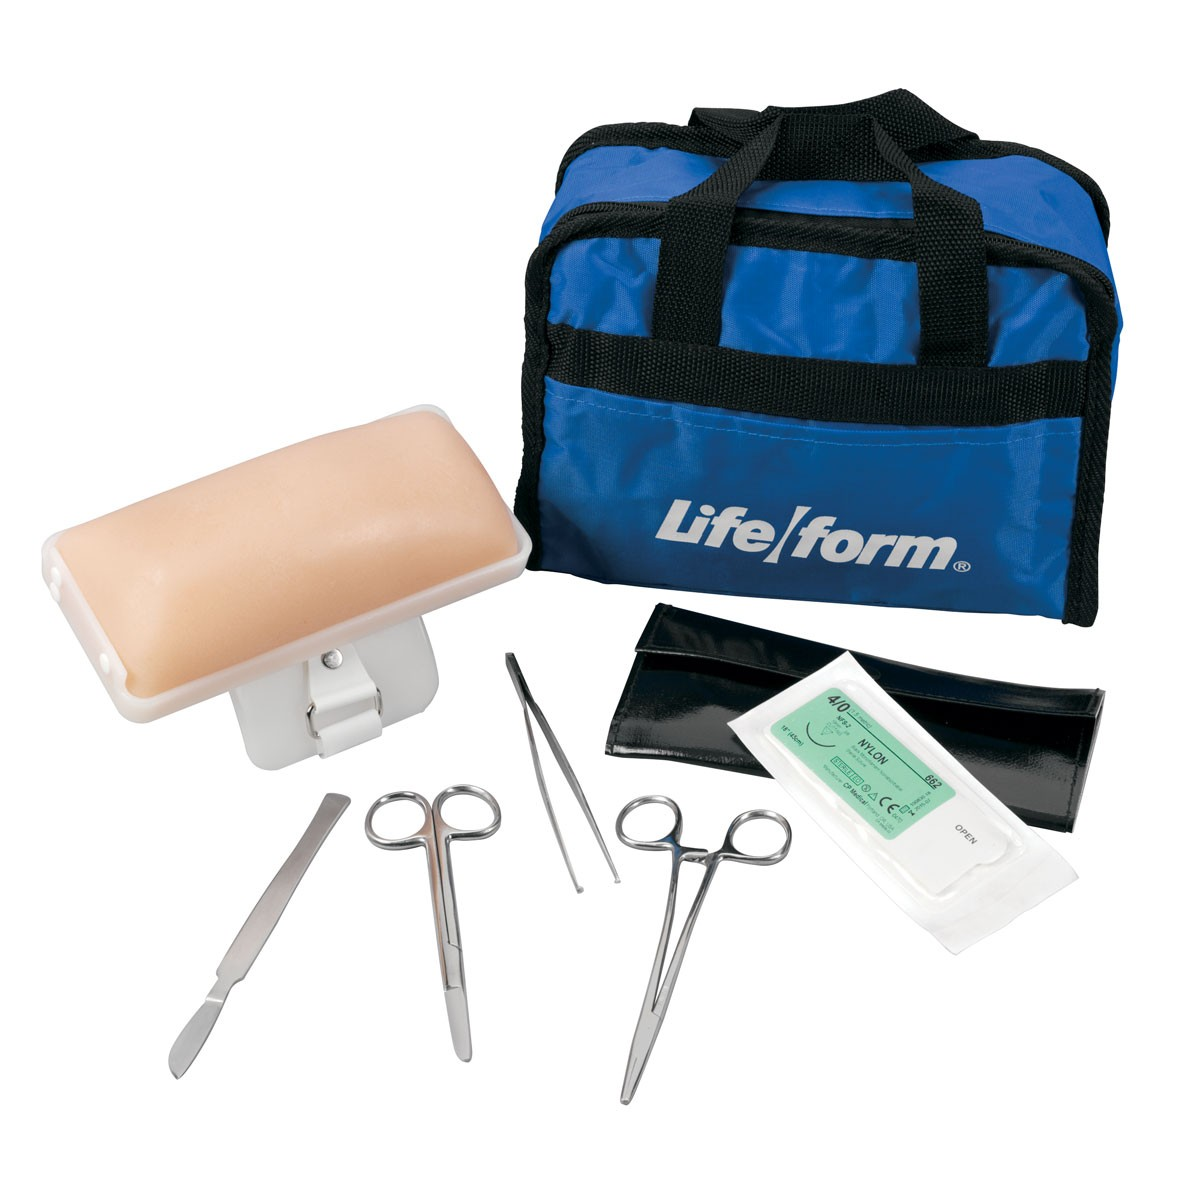 Life/form®-Hautnahttrainer für Simulationspatienten